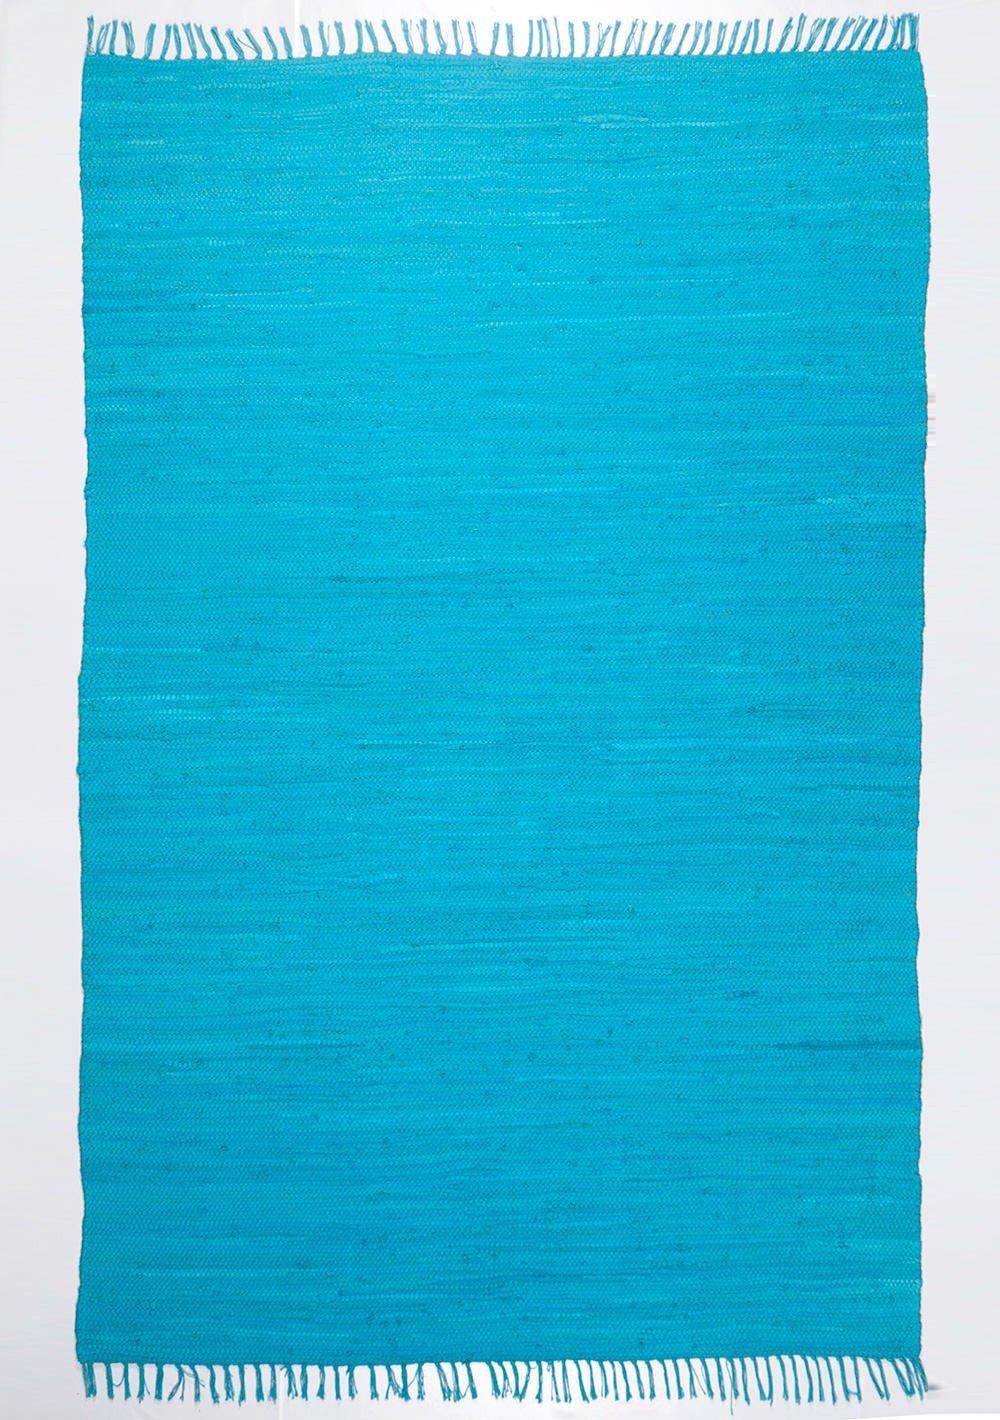 Handgefertigter Teppich Happy CottonSky Blau in Türkis Teppichgröße  160 x 230 cm